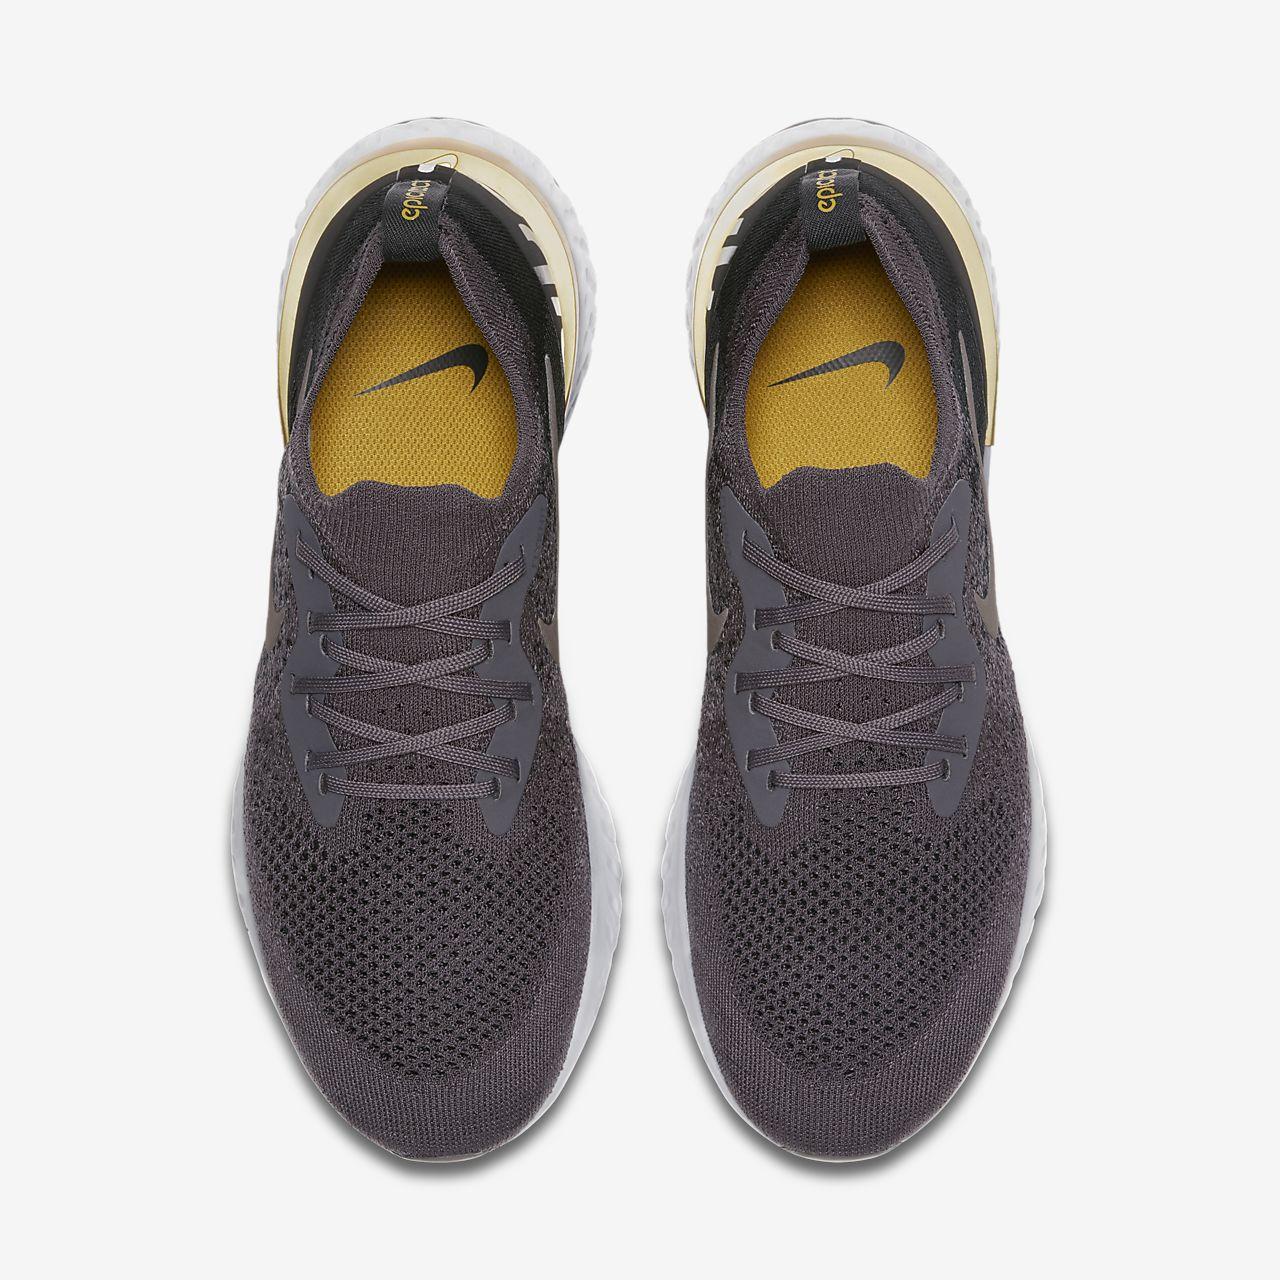 e1cf1091f1 Nike Epic React Flyknit Men's Running Shoe. Nike.com ZA